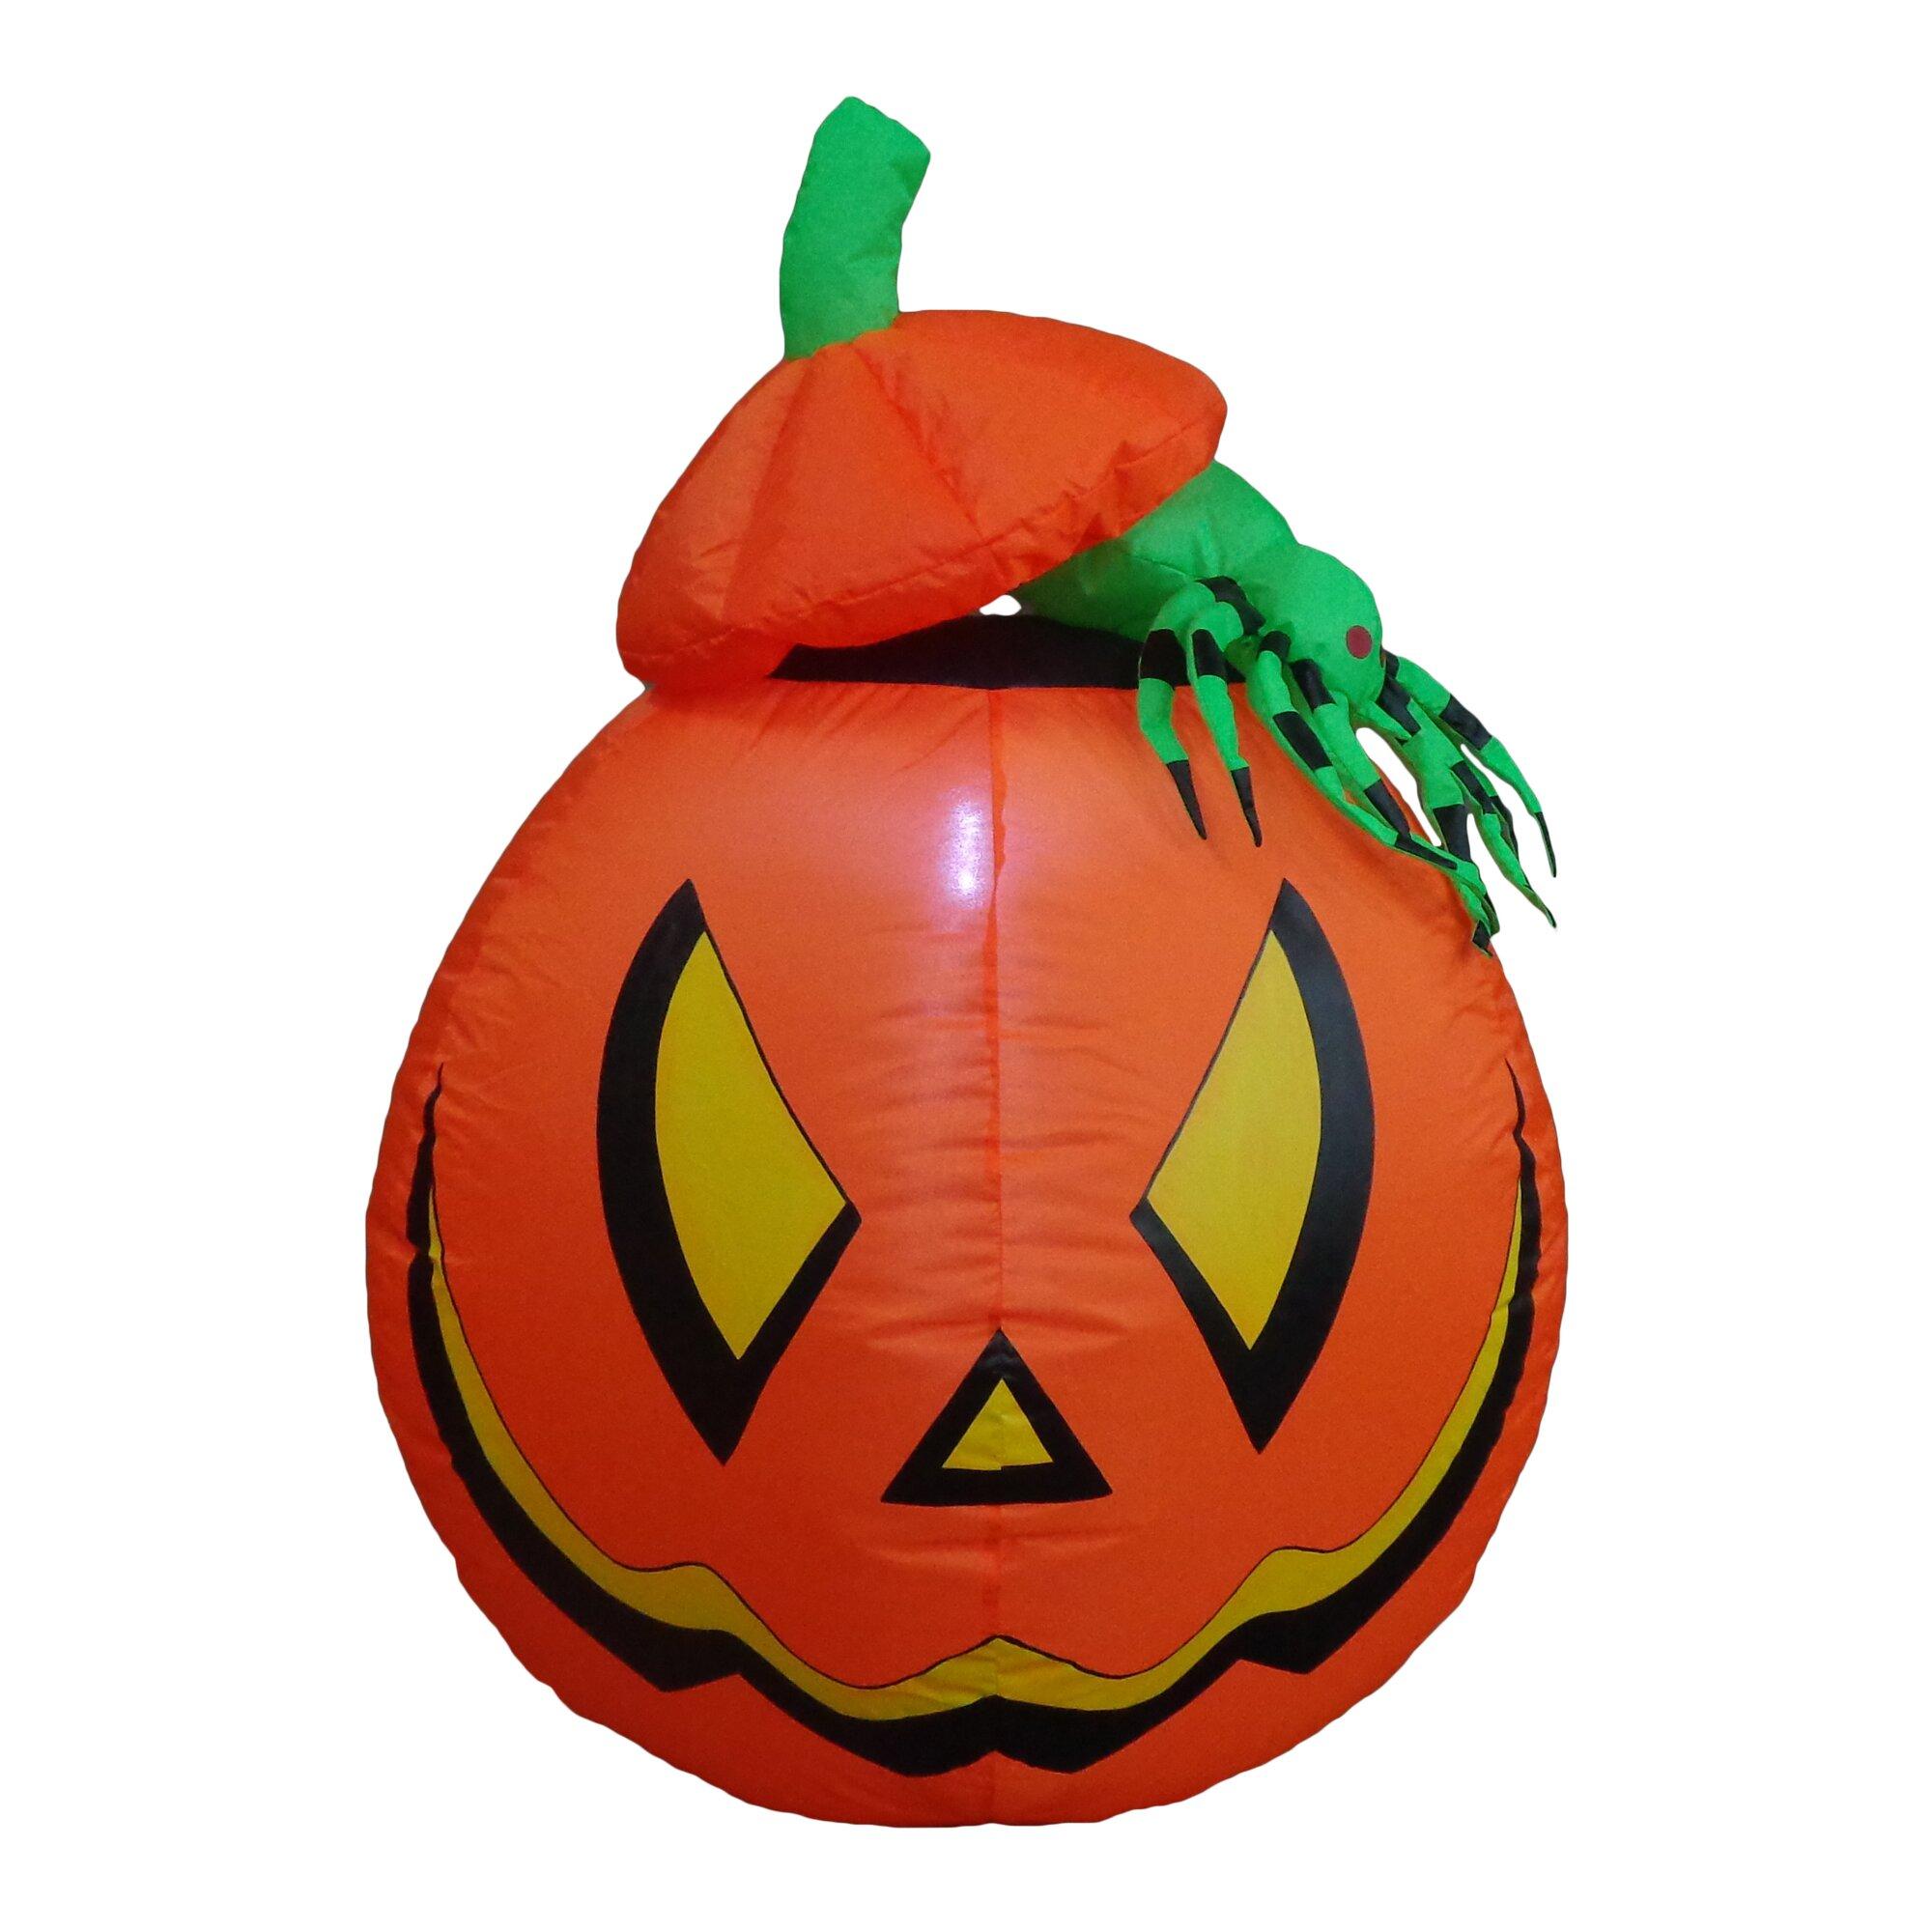 Outdoor inflatable halloween decorations - Bzb Goods Lighted Halloween Inflatable Pumpkin With Spider Indoor